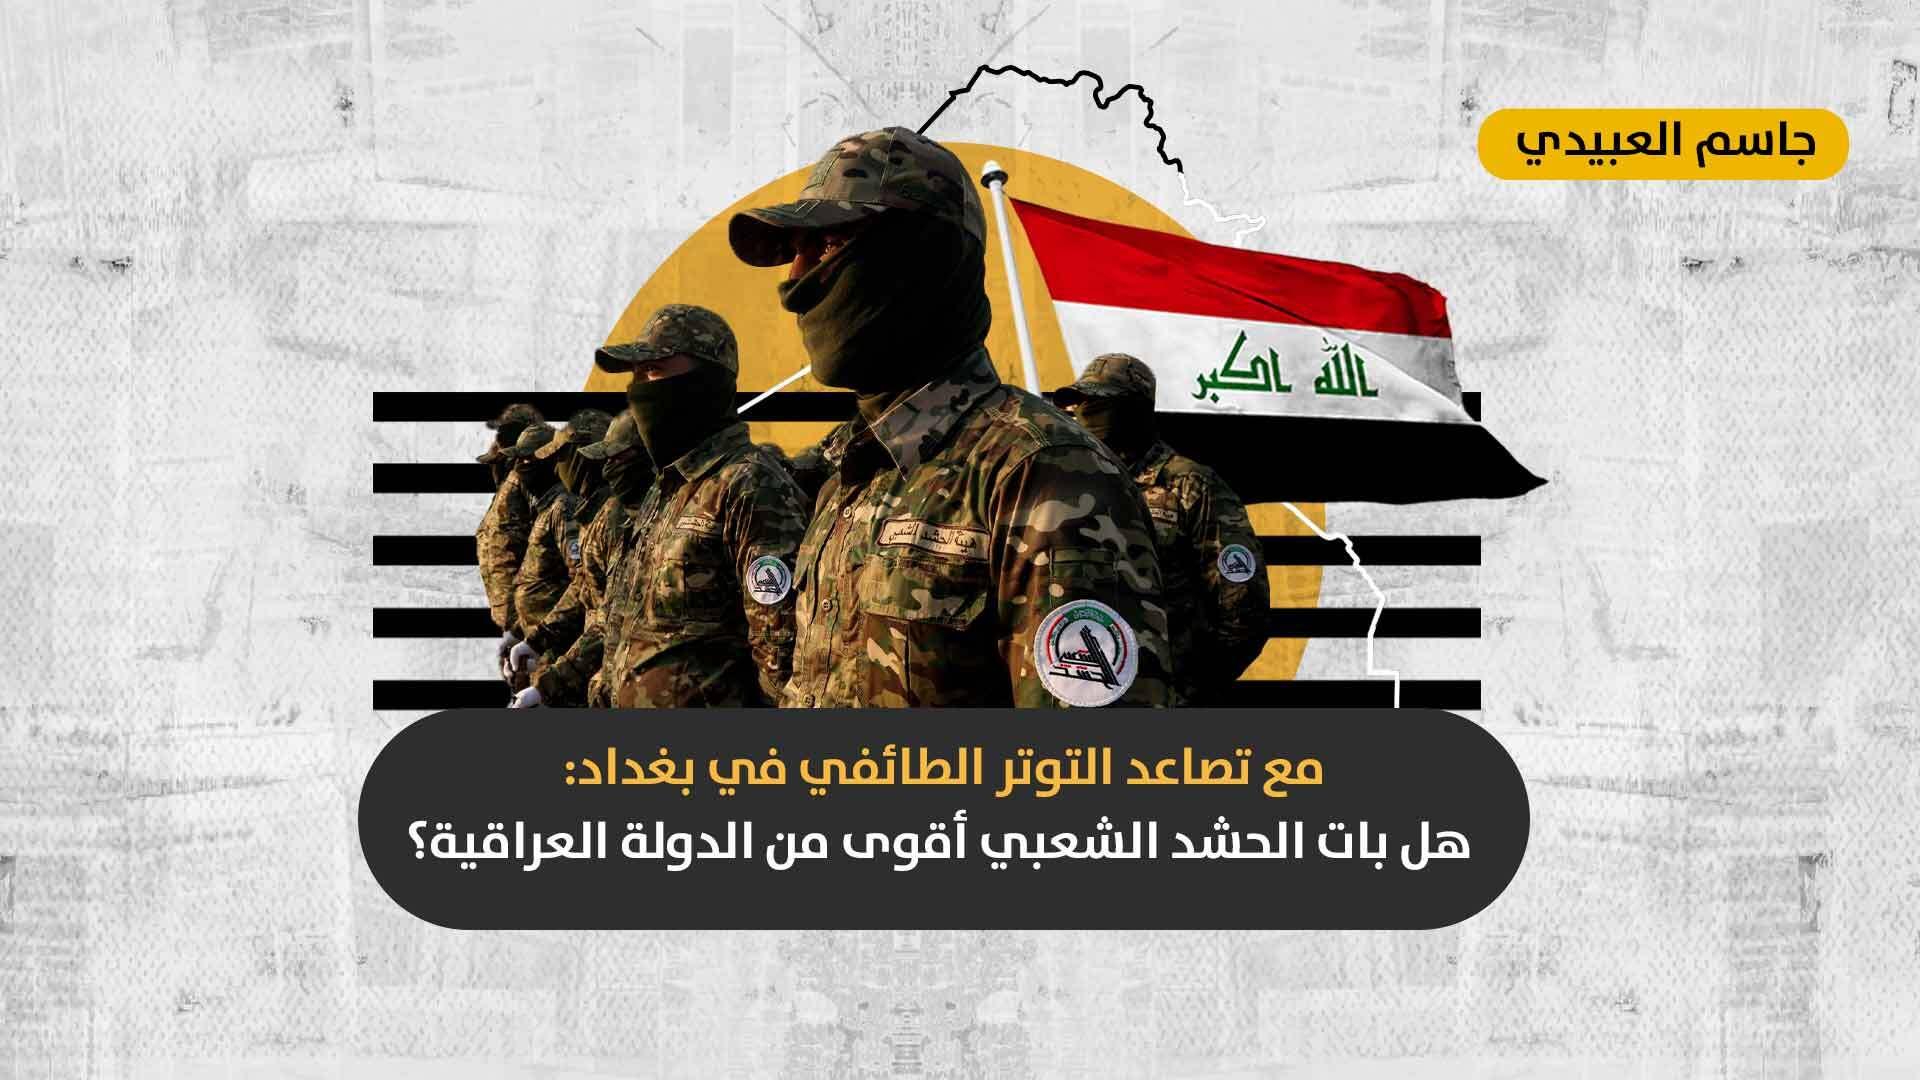 في الذكرى السابعة لتأسيسه : كيف تحوّل الحشد الشعبي من حالة طارئة إلى كيان أقوى من الدولة العراقية؟